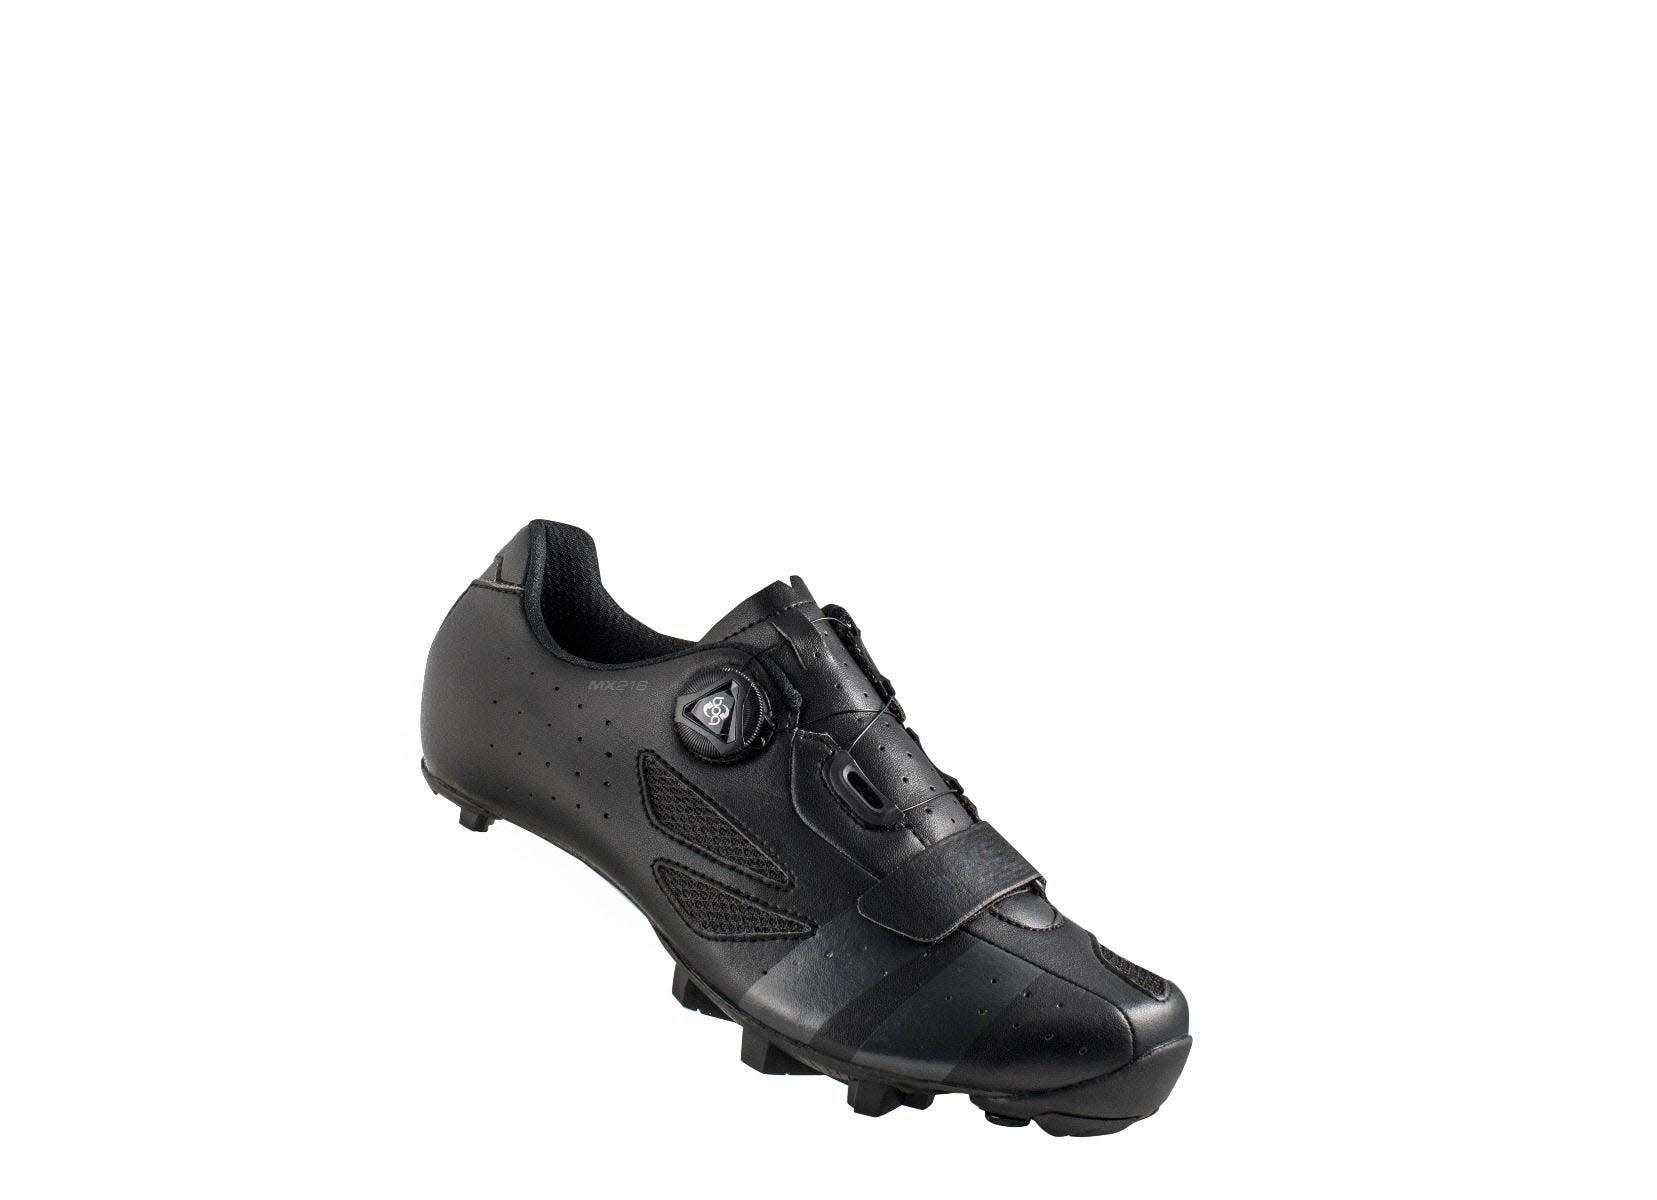 LAKE Lake MX218-X Carbon MTB Shoe Wide Fit Black/Grey 42.5